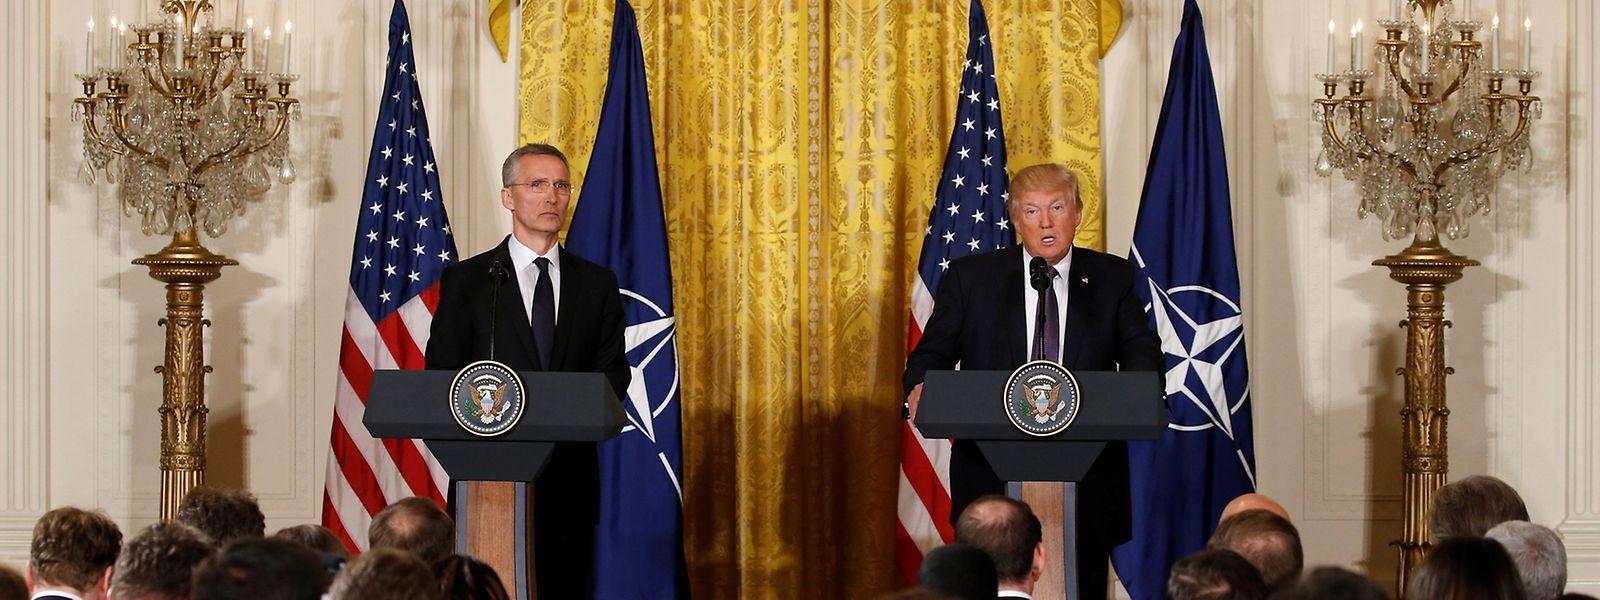 Donald Trump und Jens Stoltenberg bei der gemeinsamen Pressekonferenz.